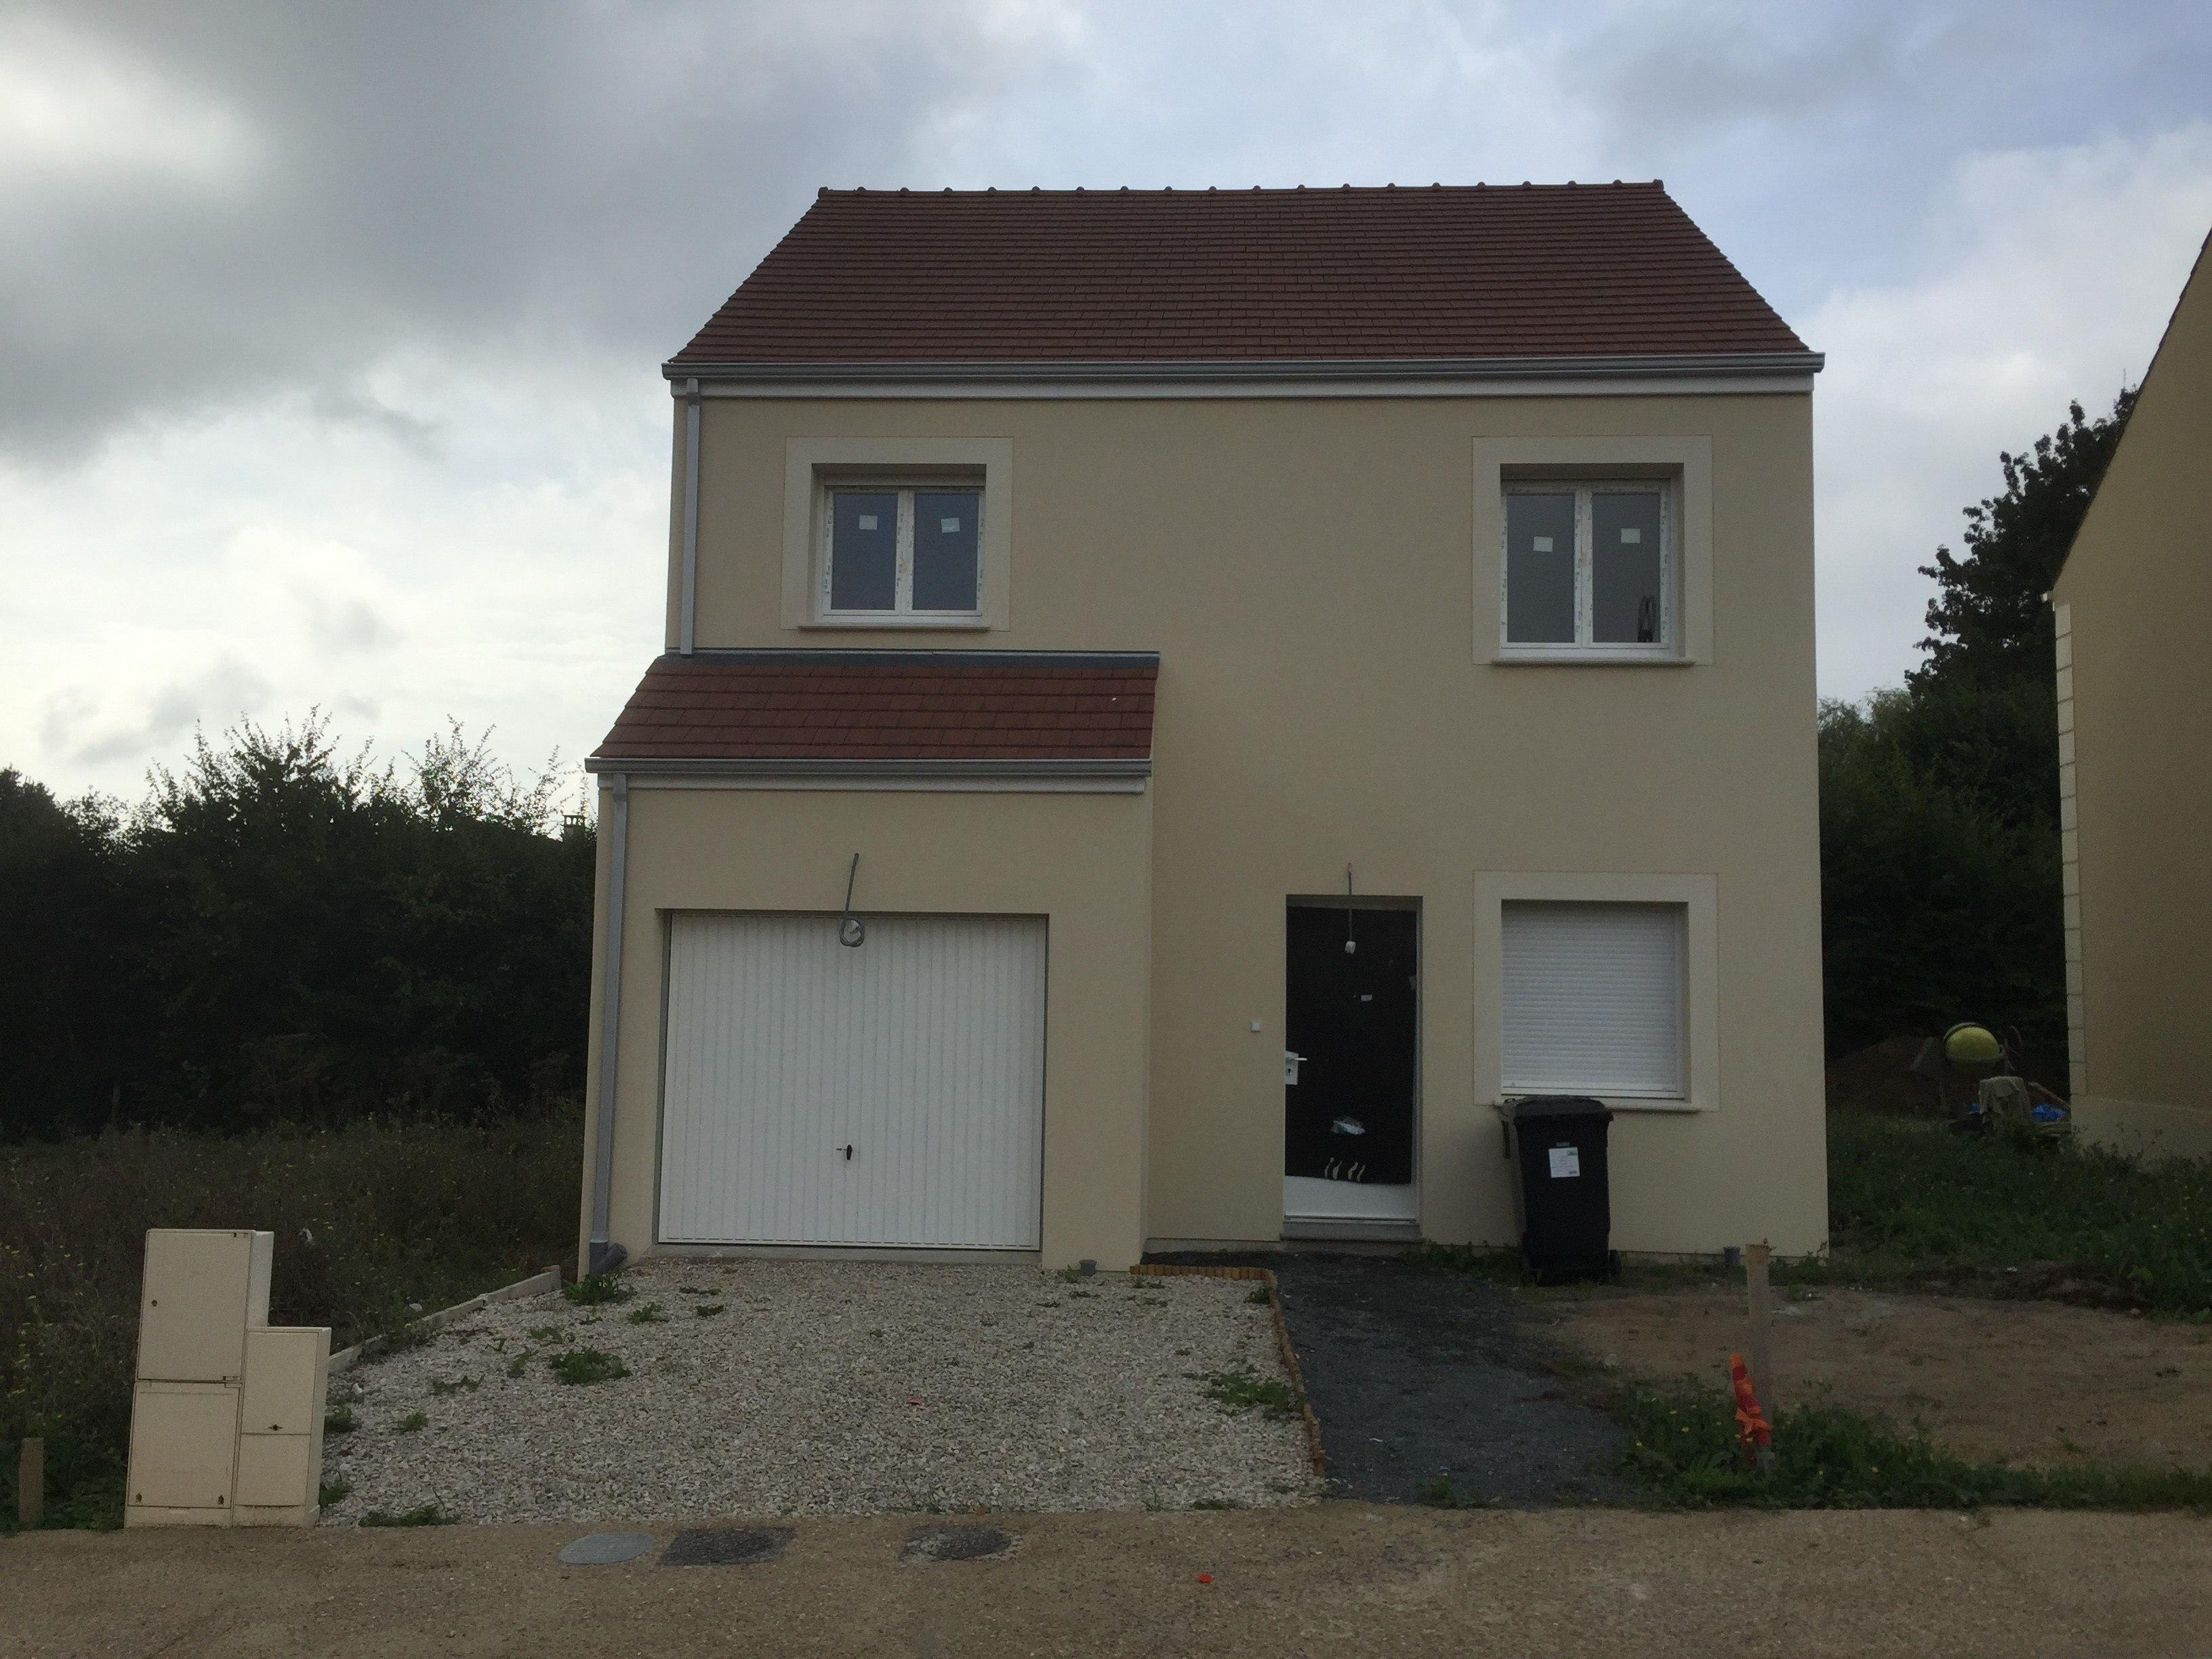 Maisons + Terrains du constructeur LES MAISONS.COM AULNAY SOUS BOIS • 86 m² • COUBERT